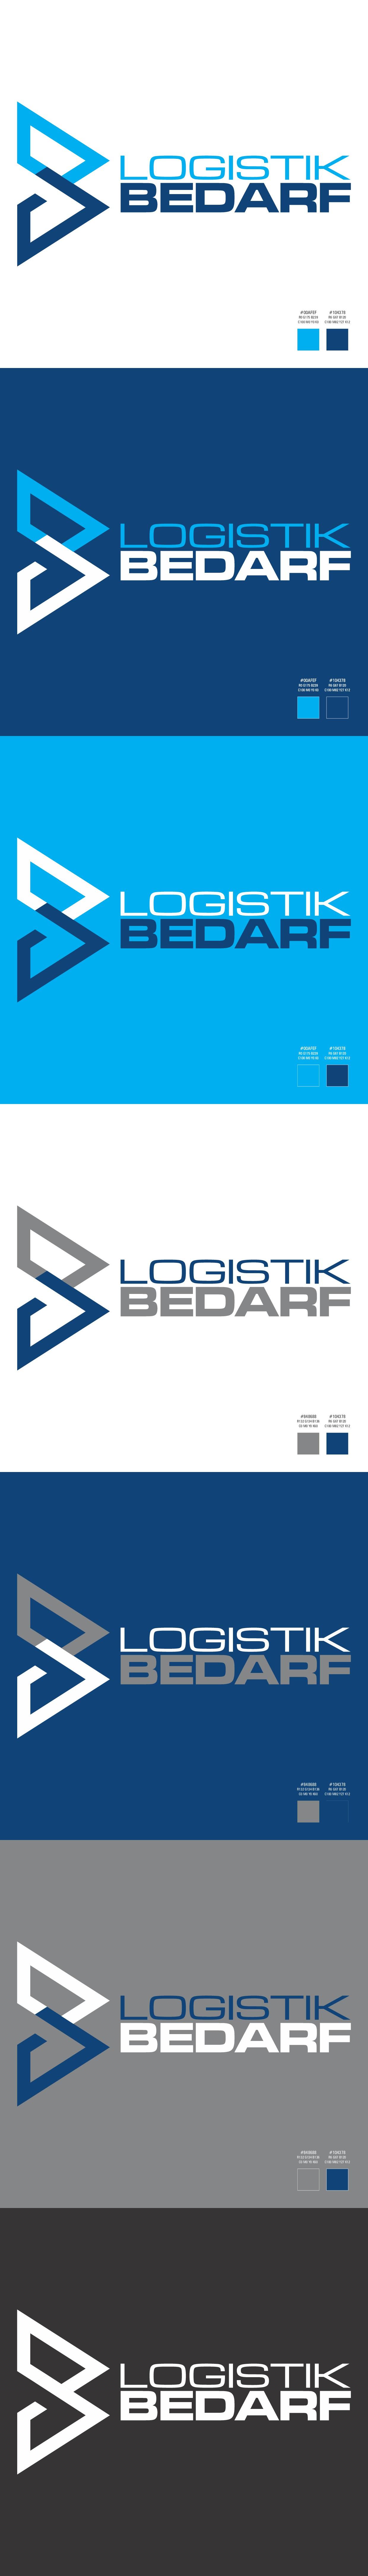 Erstelle ein aussagekräftiges Logo für Logistikbedarf.de